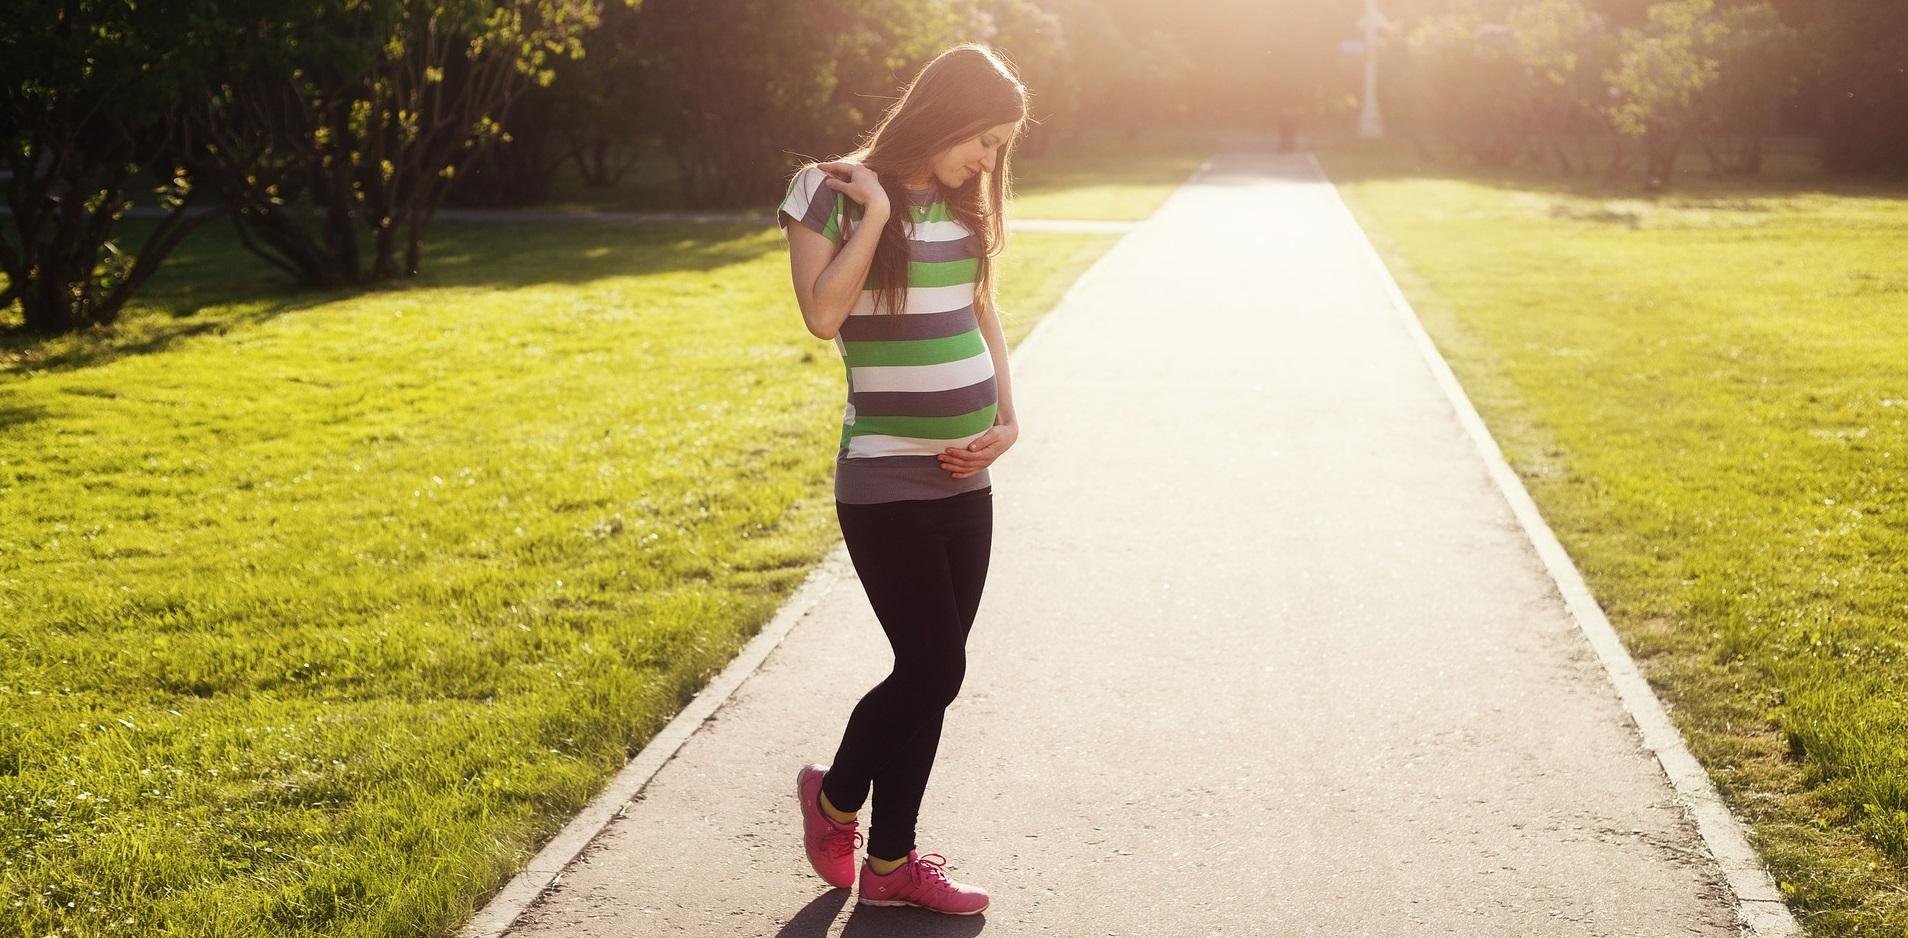 Pomanjkanje vitamina D med nosečnostjo